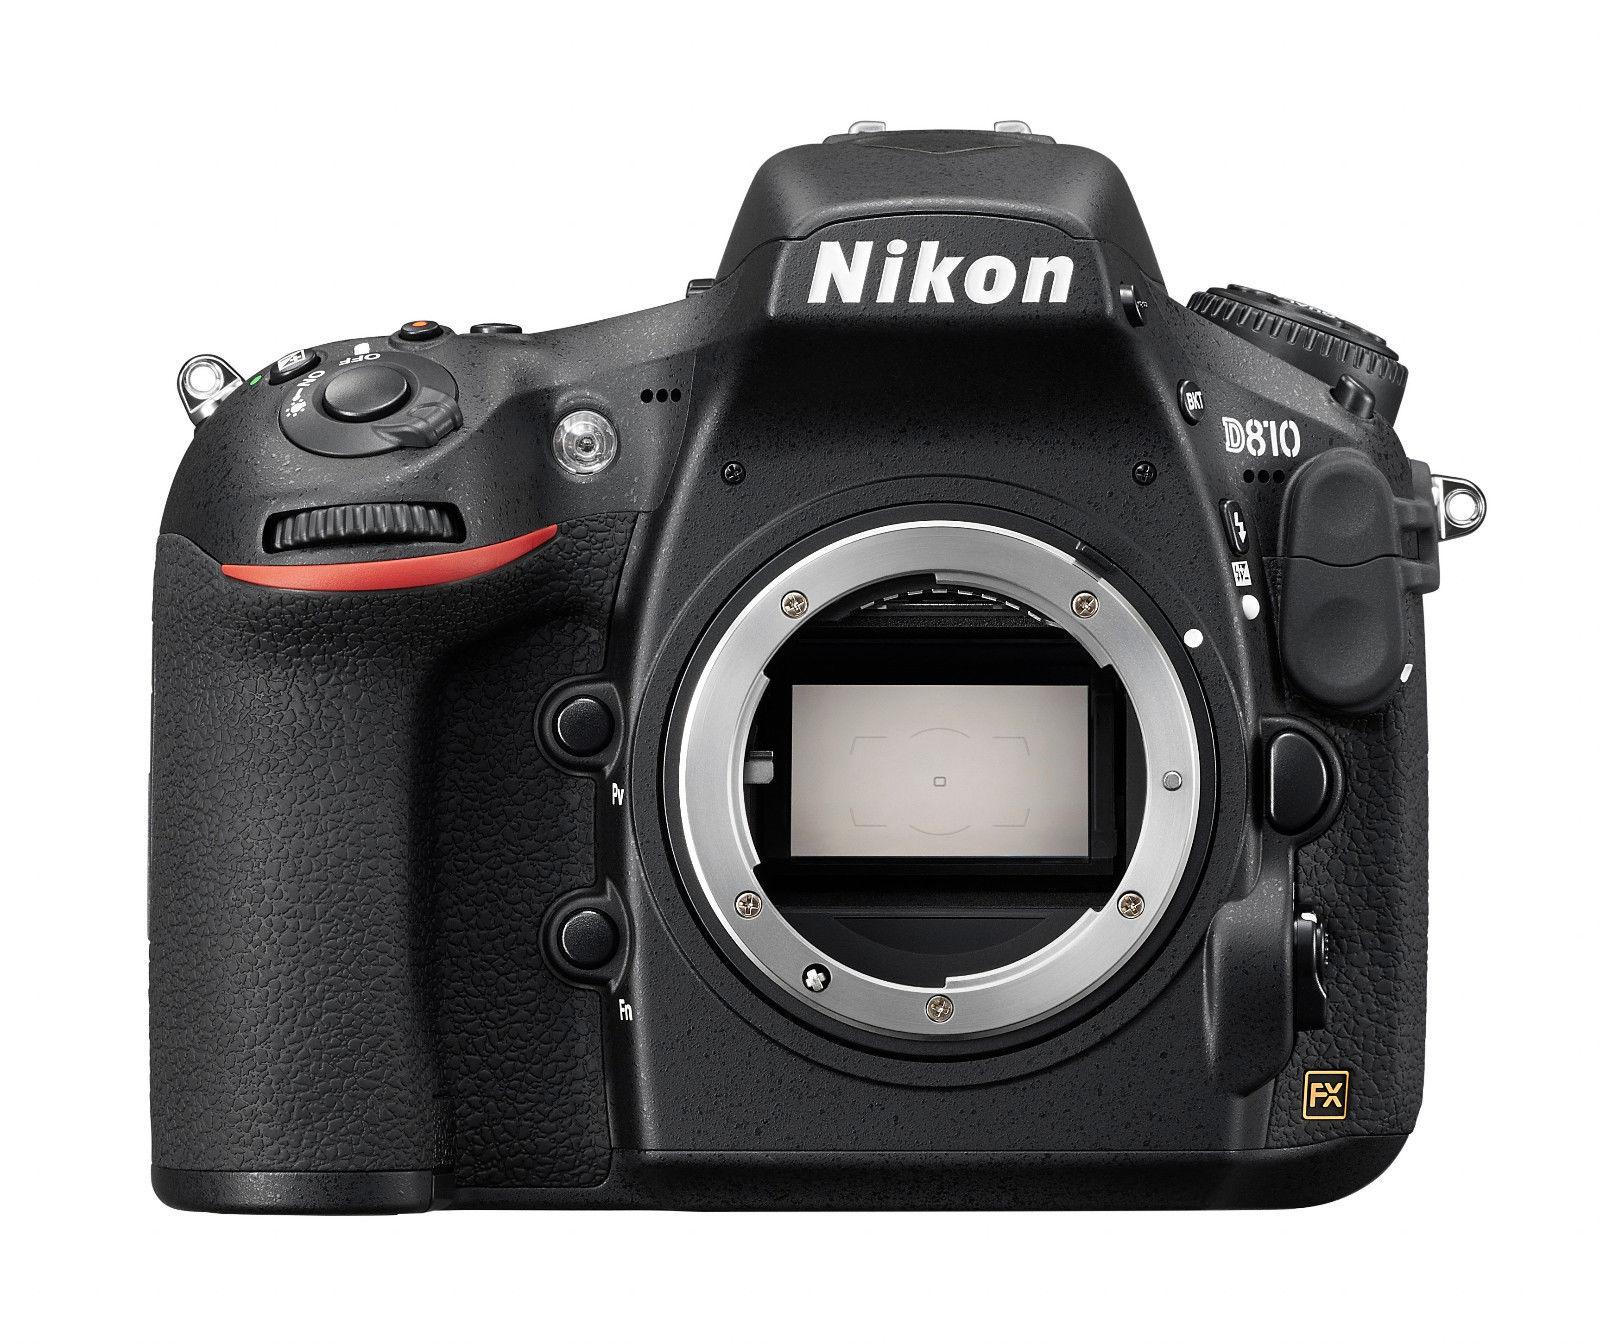 Spiegelreflexkamera Nikon D810  DSLR GEHÄUSE GEBRAUCHTWARE